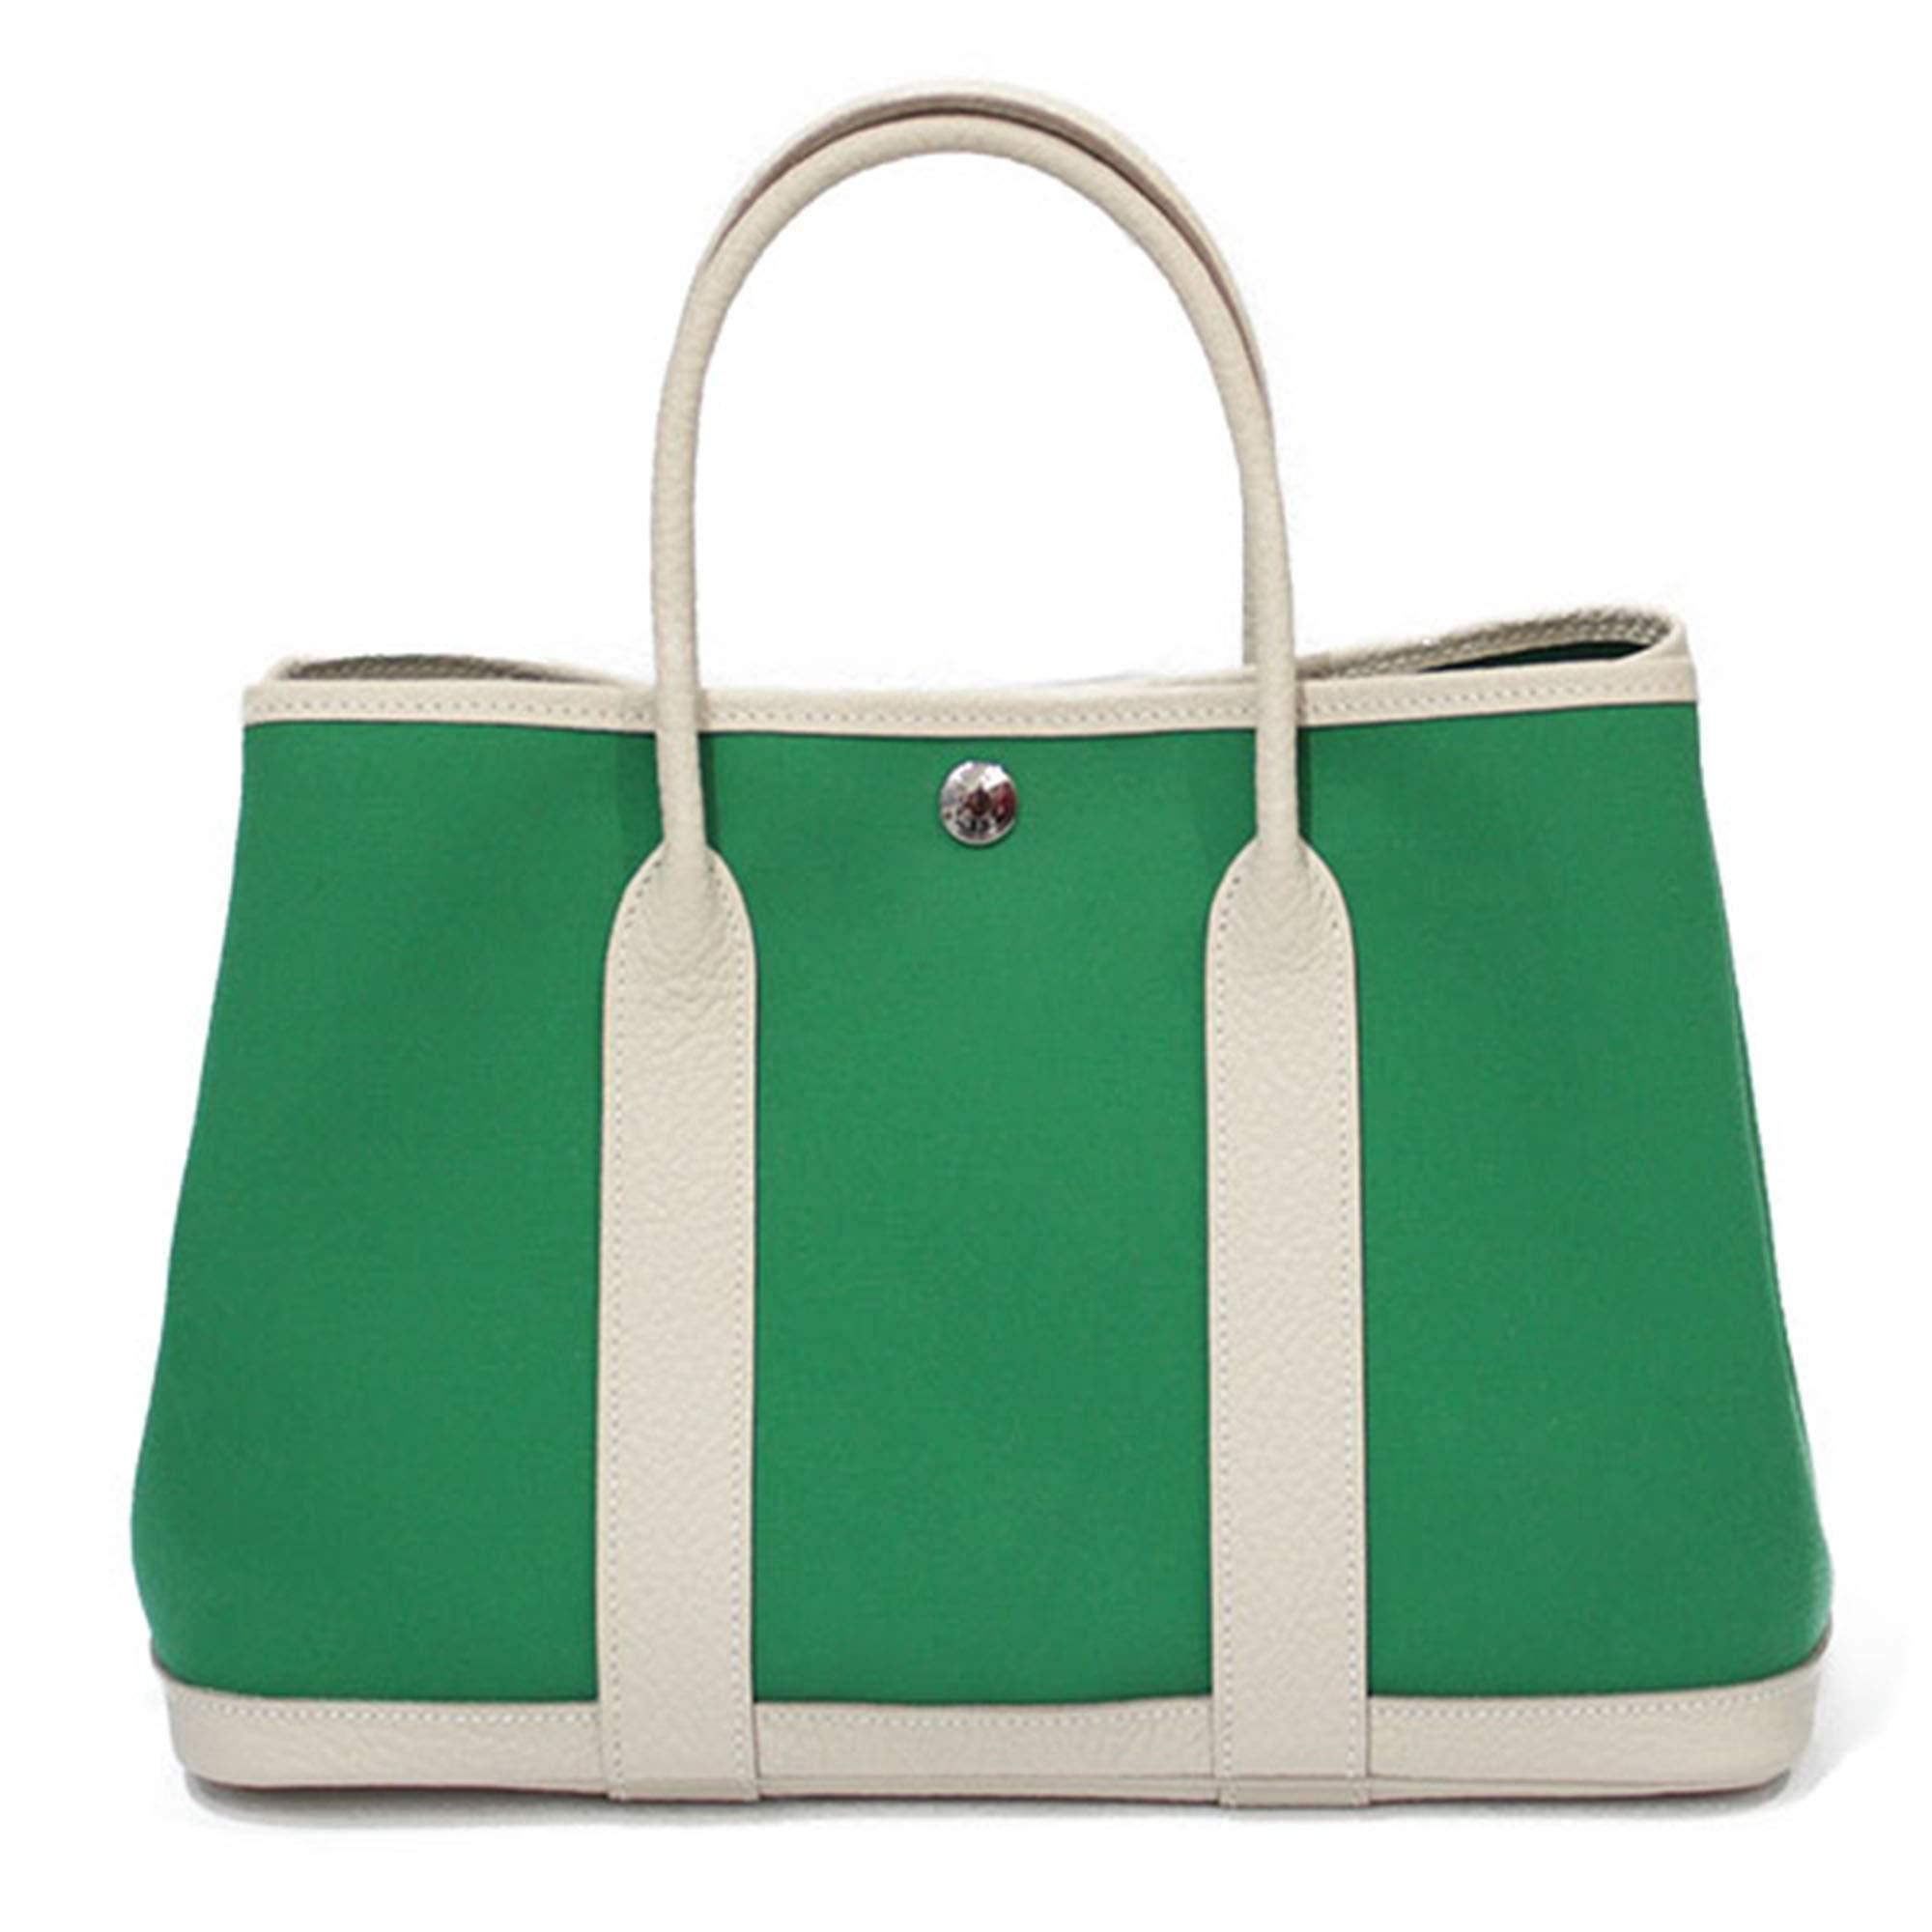 c42ec5494889 Hermes Garden Bag